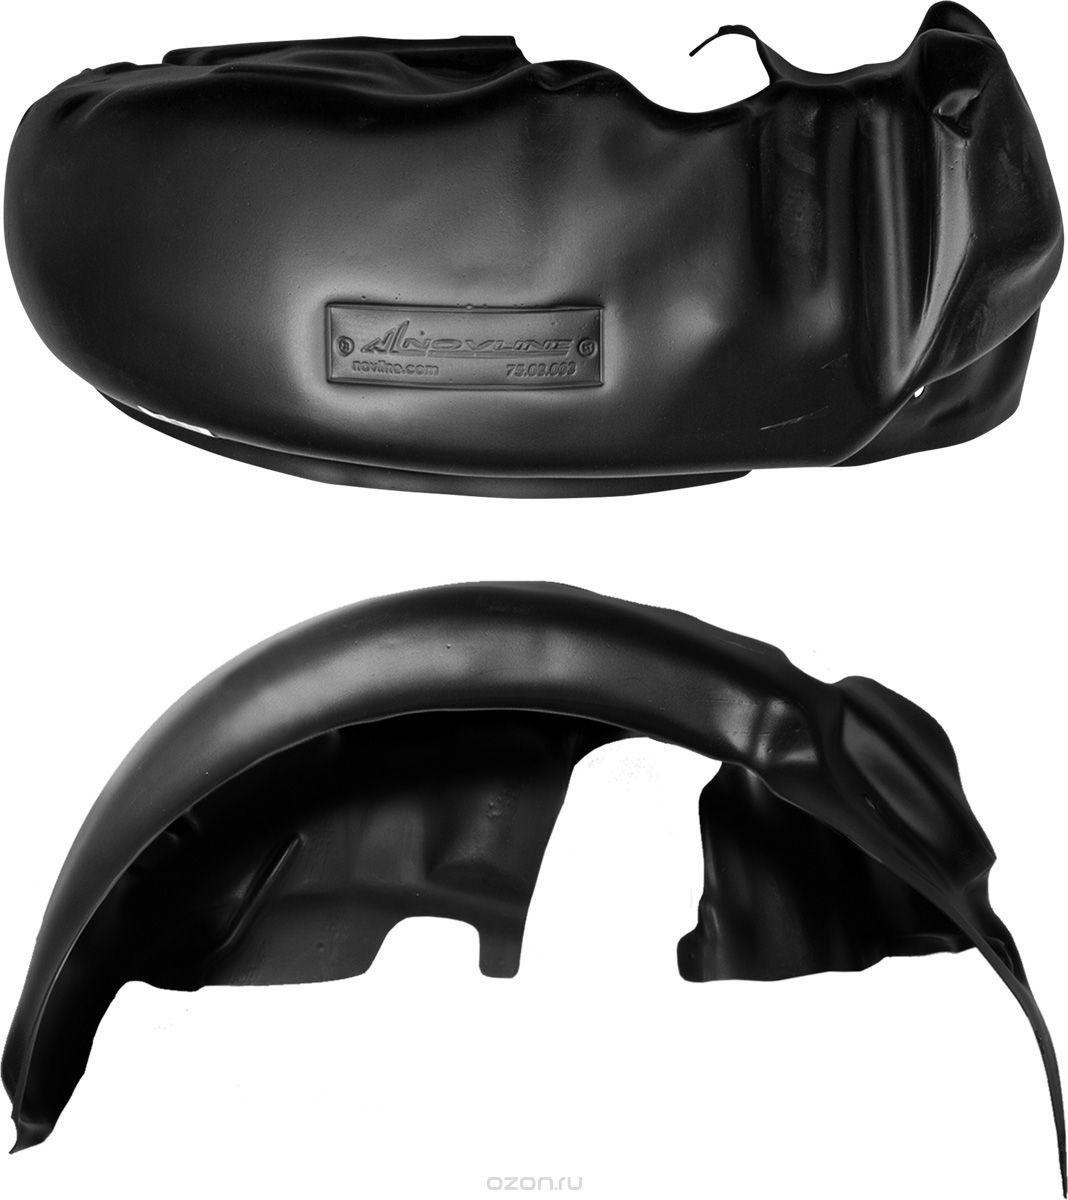 Подкрылок Novline-Autofamily, для UAZ Patriot 3163 2005->, задний правыйNLL.54.04.004Идеальная защита колесной ниши. Локеры разработаны с применением цифровых технологий, гарантируют максимальную повторяемость поверхности арки. Изделия устанавливаются без нарушения лакокрасочного покрытия автомобиля, каждый подкрылок комплектуется крепежом. Уважаемые клиенты, обращаем ваше внимание, что фотографии на подкрылки универсальные и не отражают реальную форму изделия. При этом само изделие идет точно под размер указанного автомобиля.